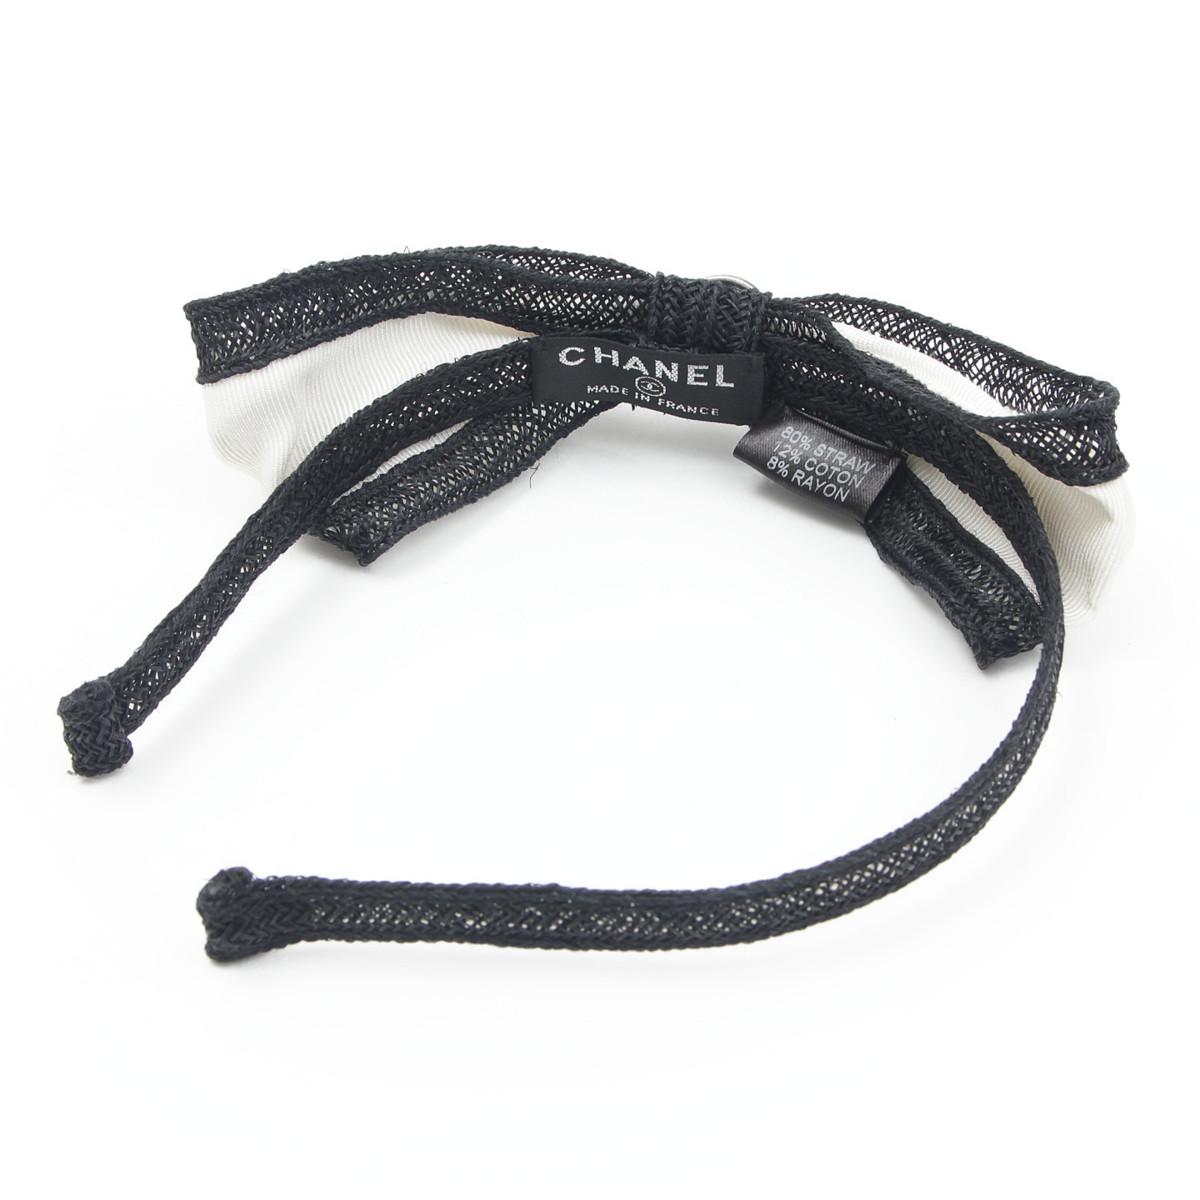 【シャネル】Chanel ココボタン ストロー リボン カチューシャ バイカラー 【中古】【鑑定済・正規品保証】【送料無料】31663